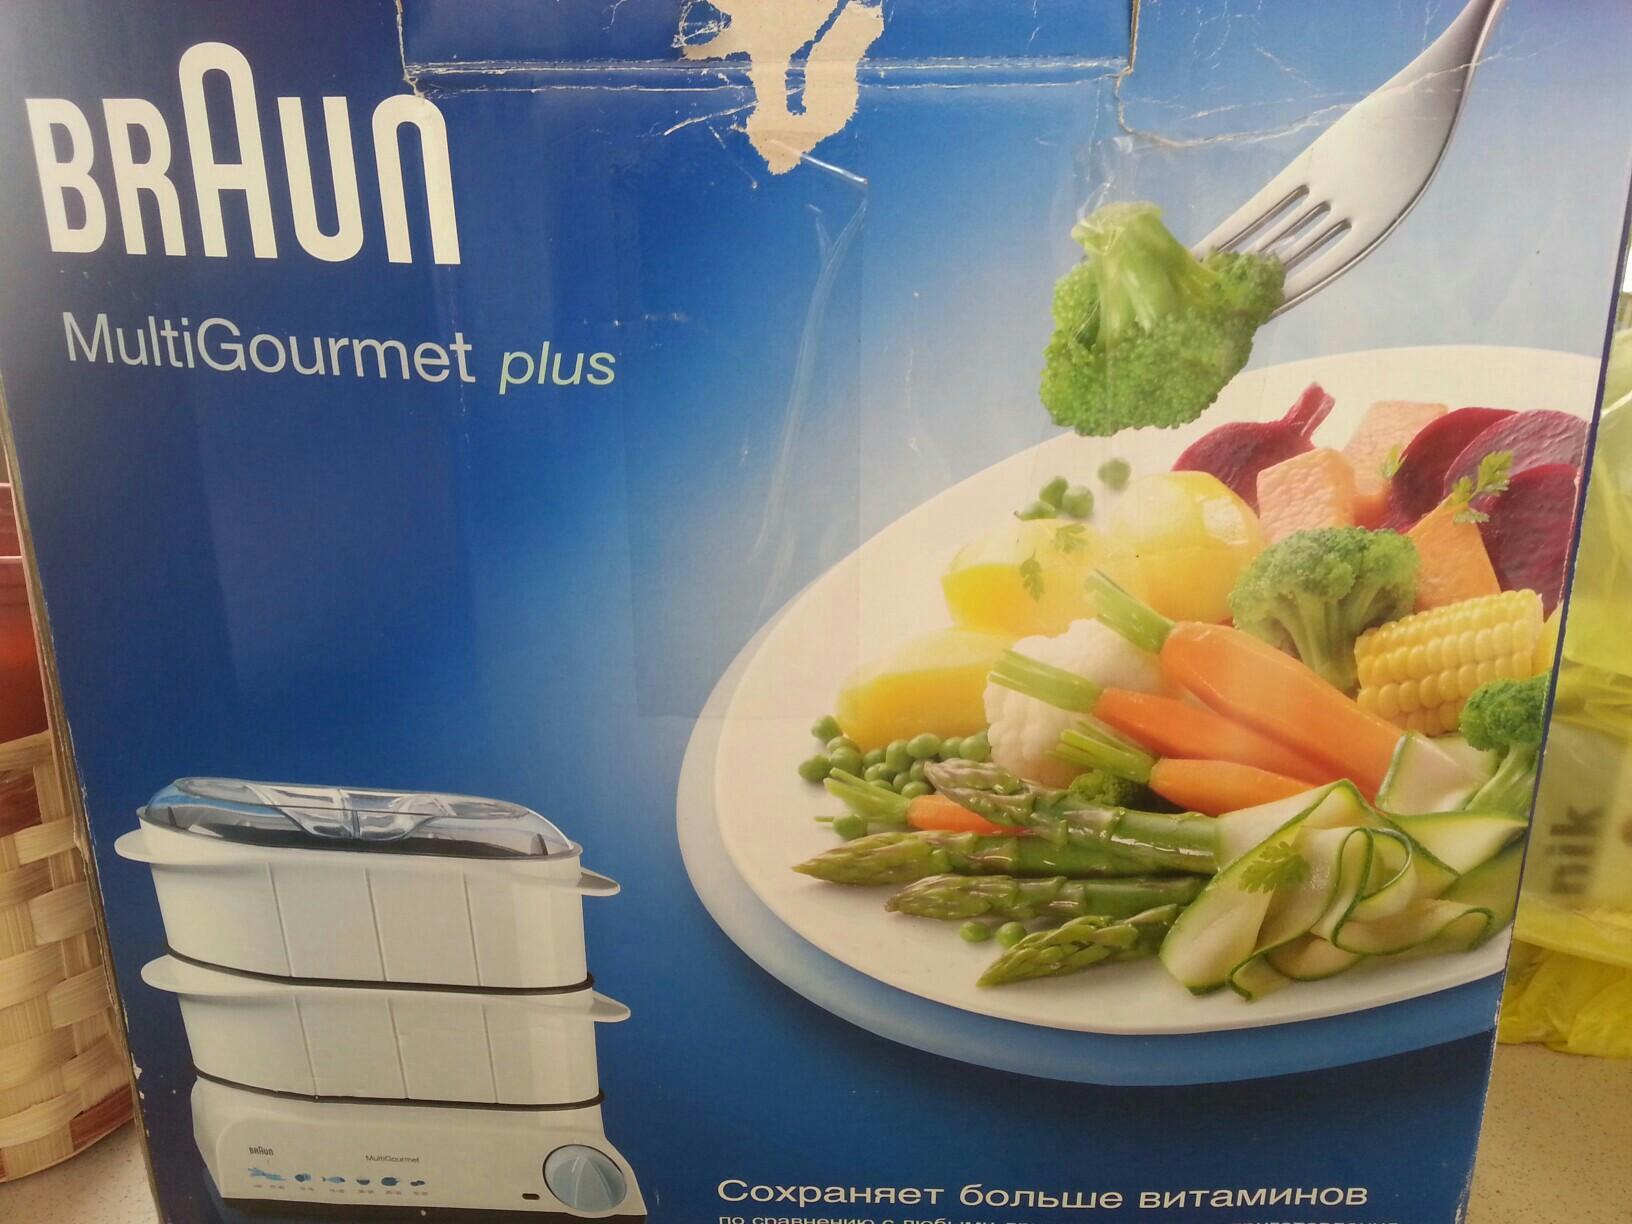 Пароварка BRAUN FS 20 R Multi Gourmet plus 89255858335 купить 1